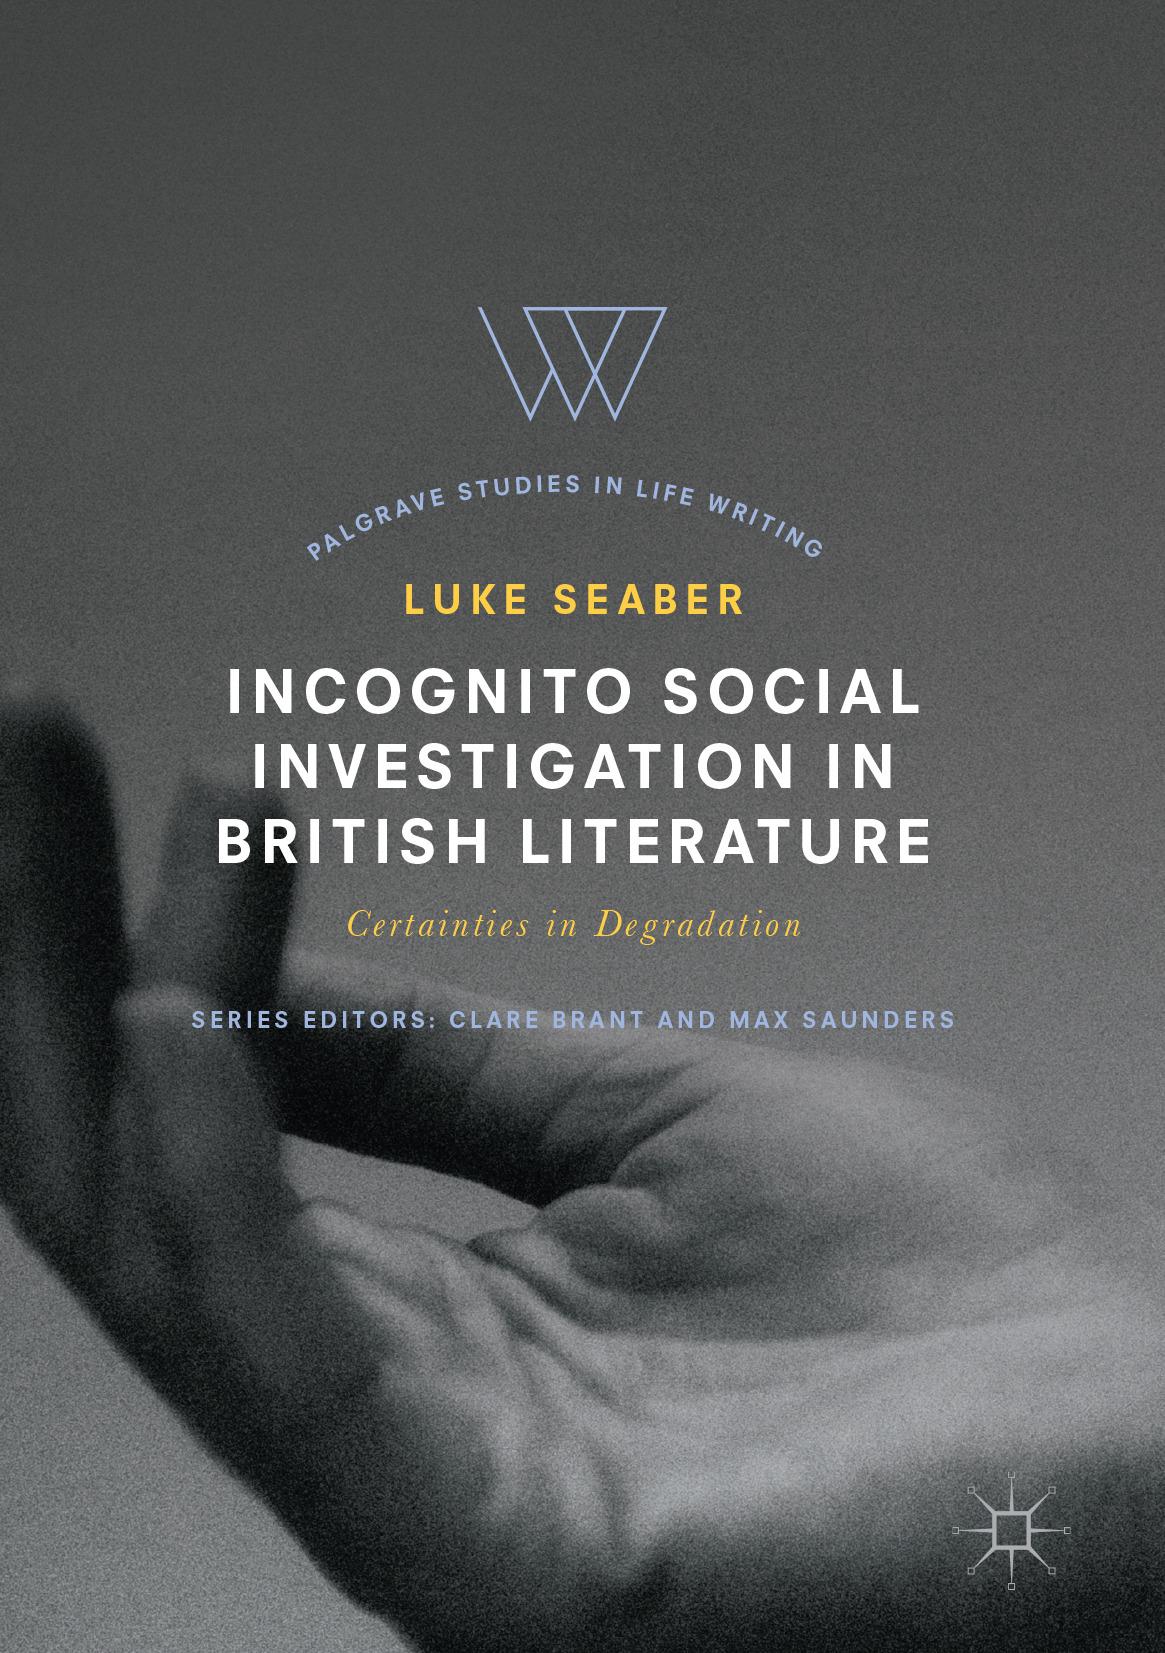 Seaber, Luke - Incognito Social Investigation in British Literature, ebook